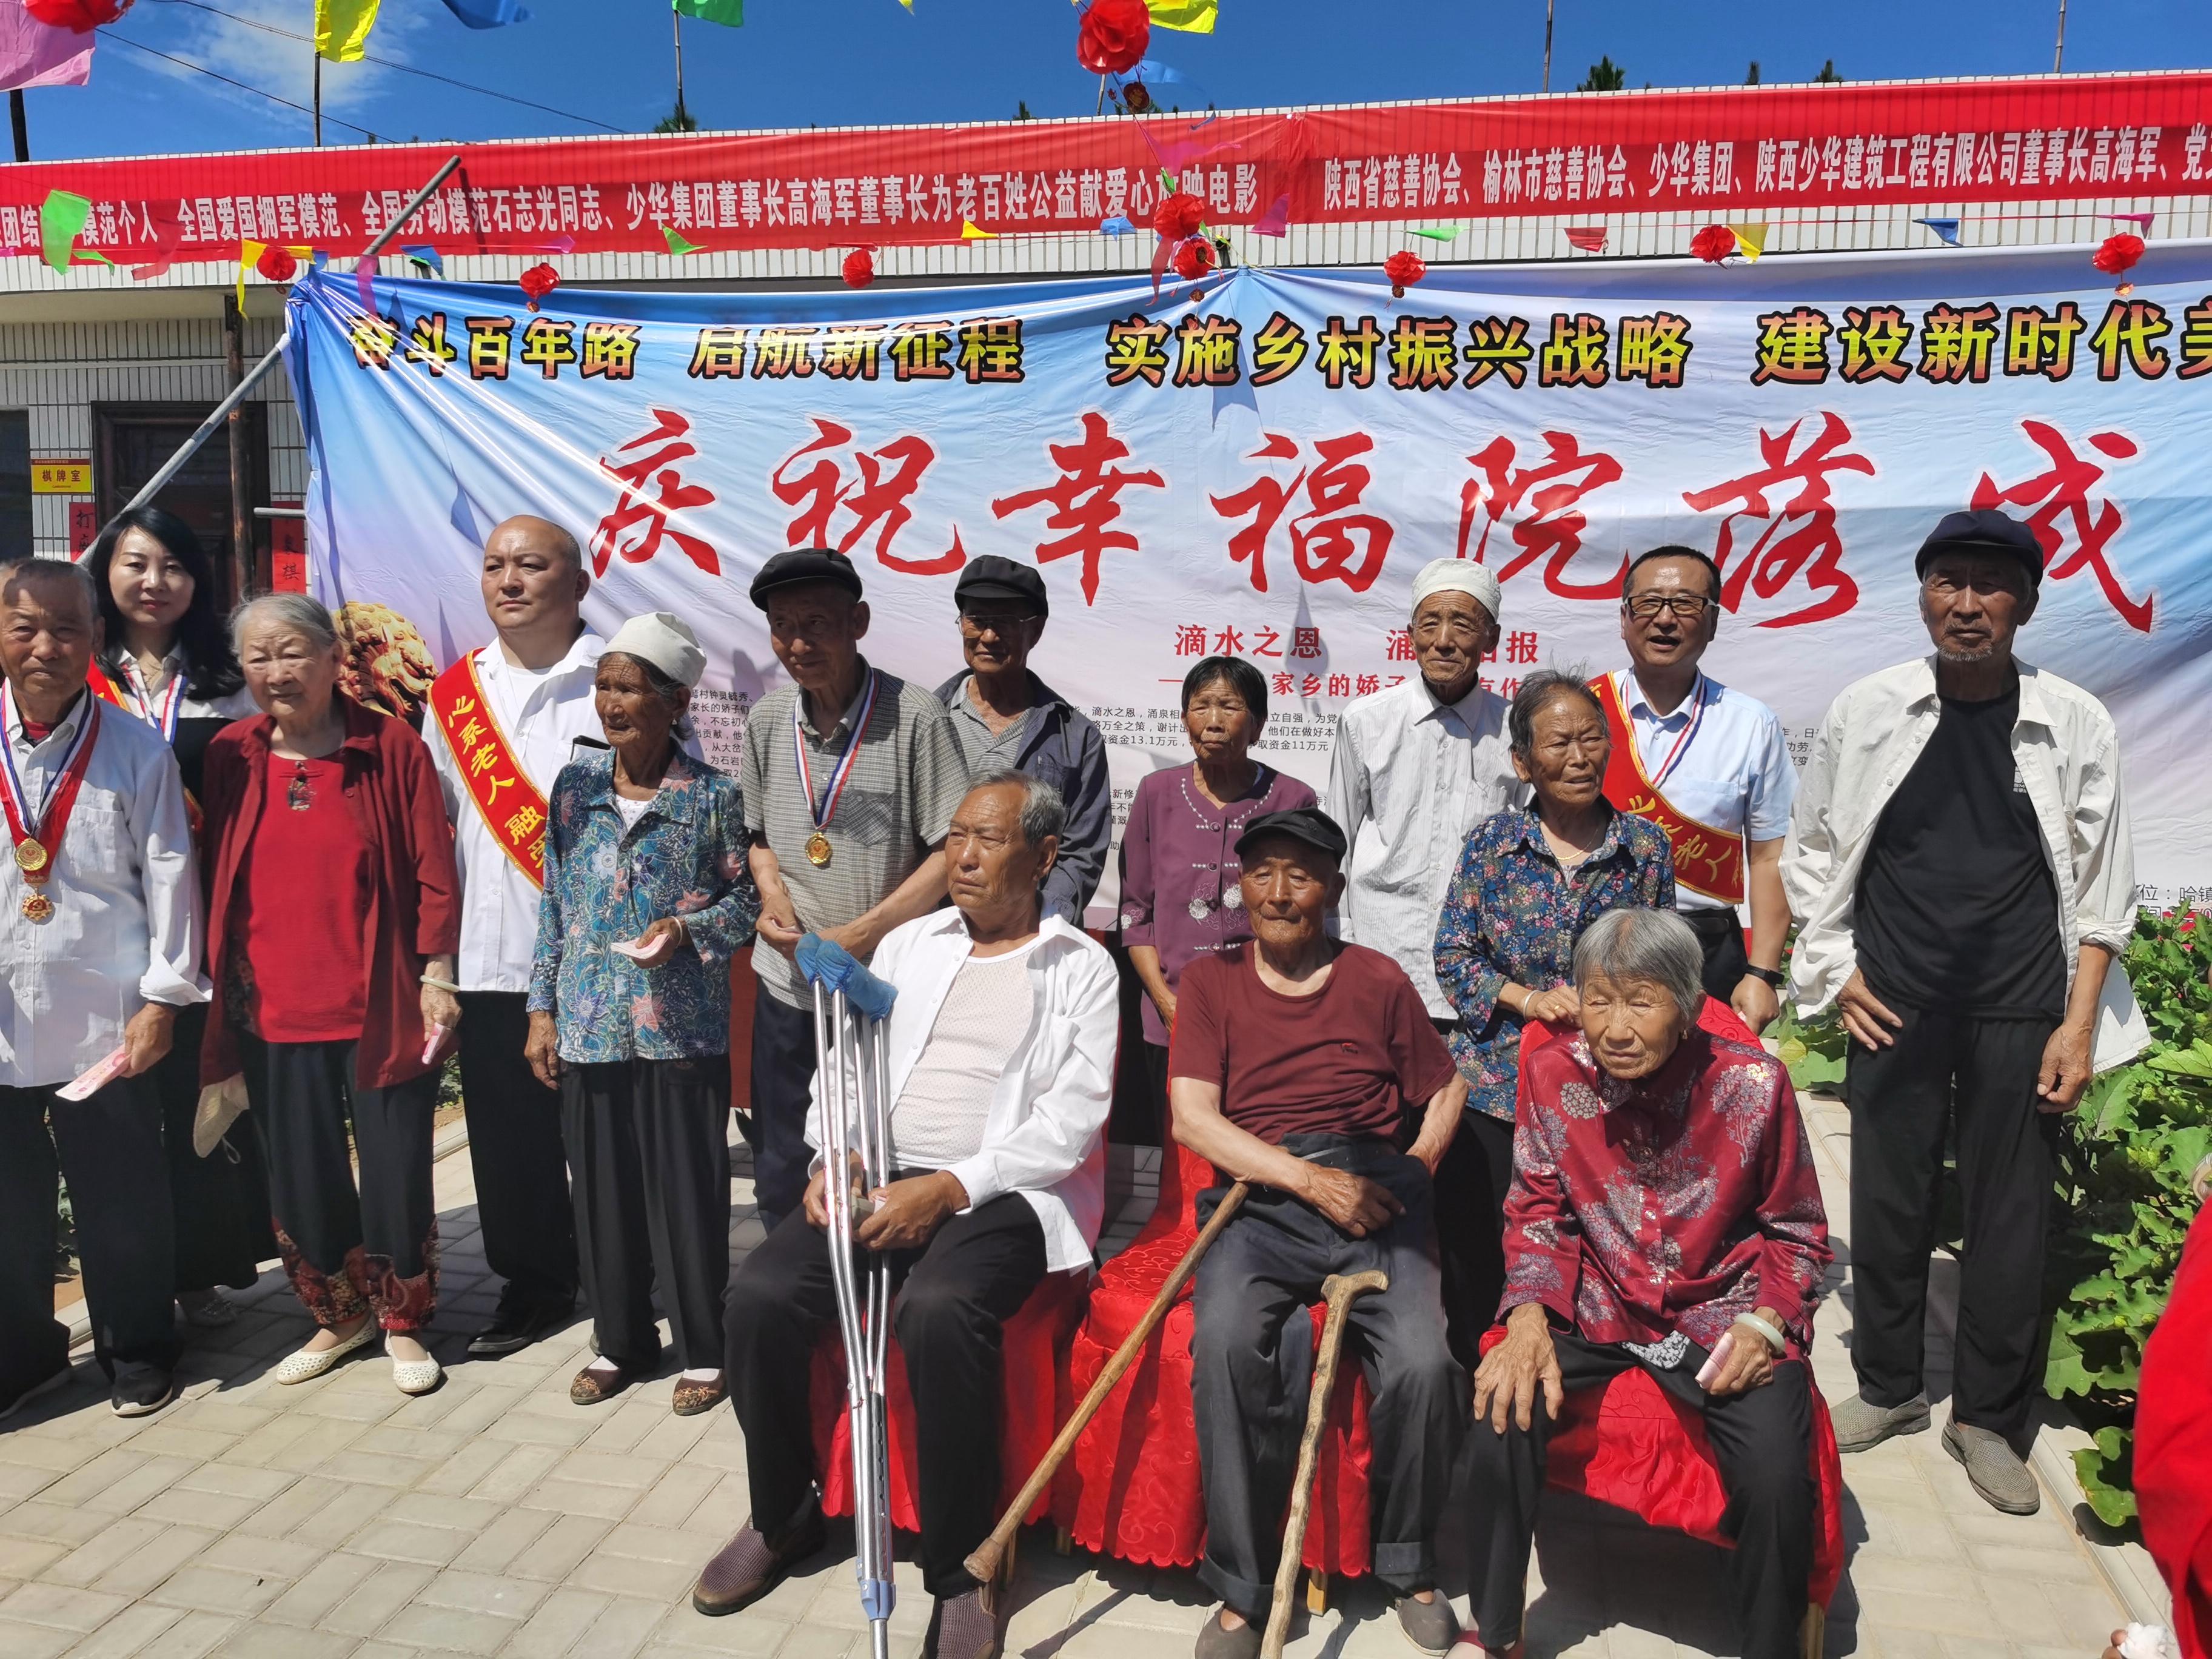 少华集团董事长高海军出席并捐款3.5万元振兴哈镇糜茬焉村并捐款